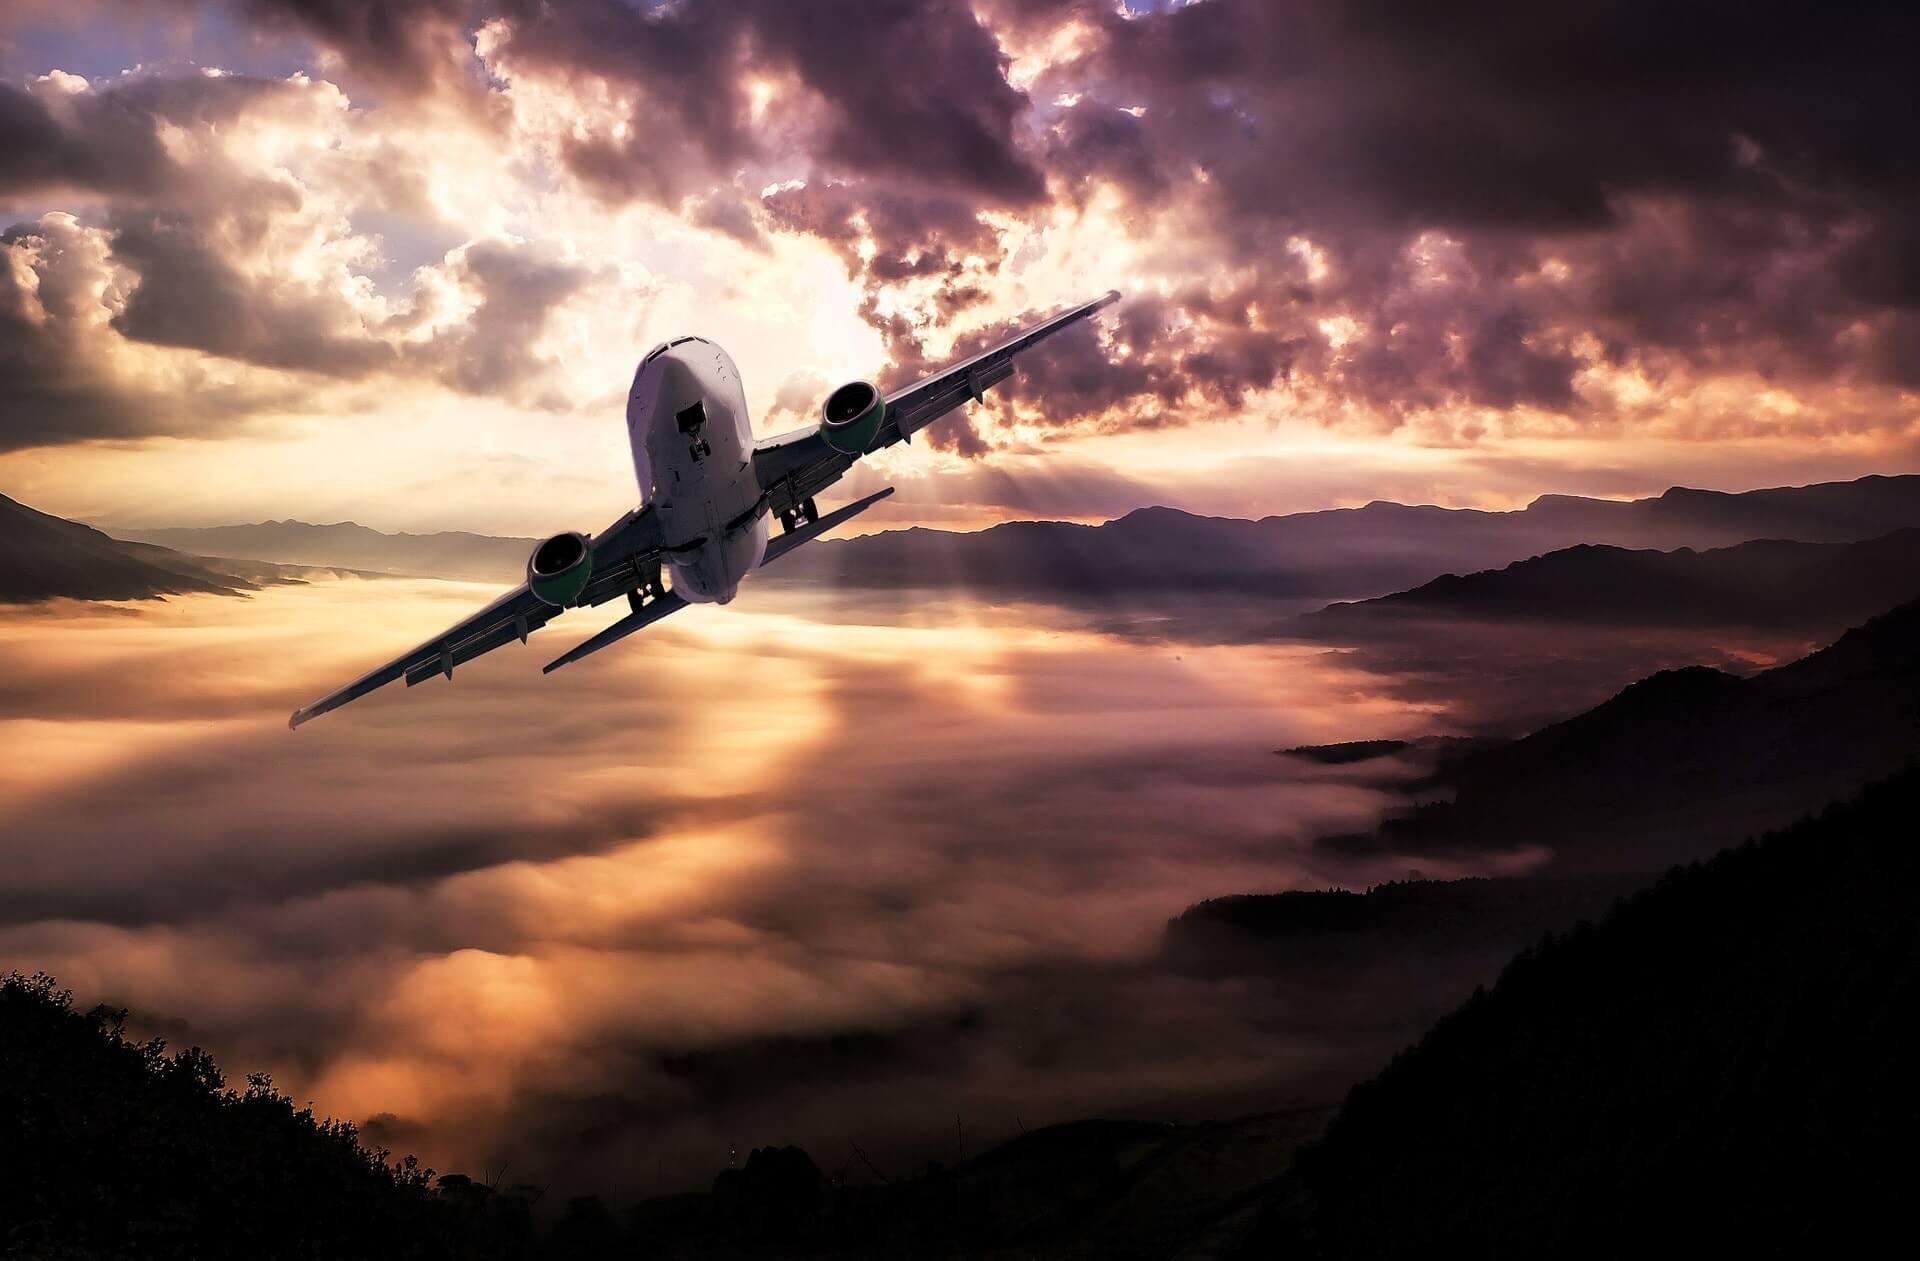 Flugzeug im Flug im Sonnenuntergang